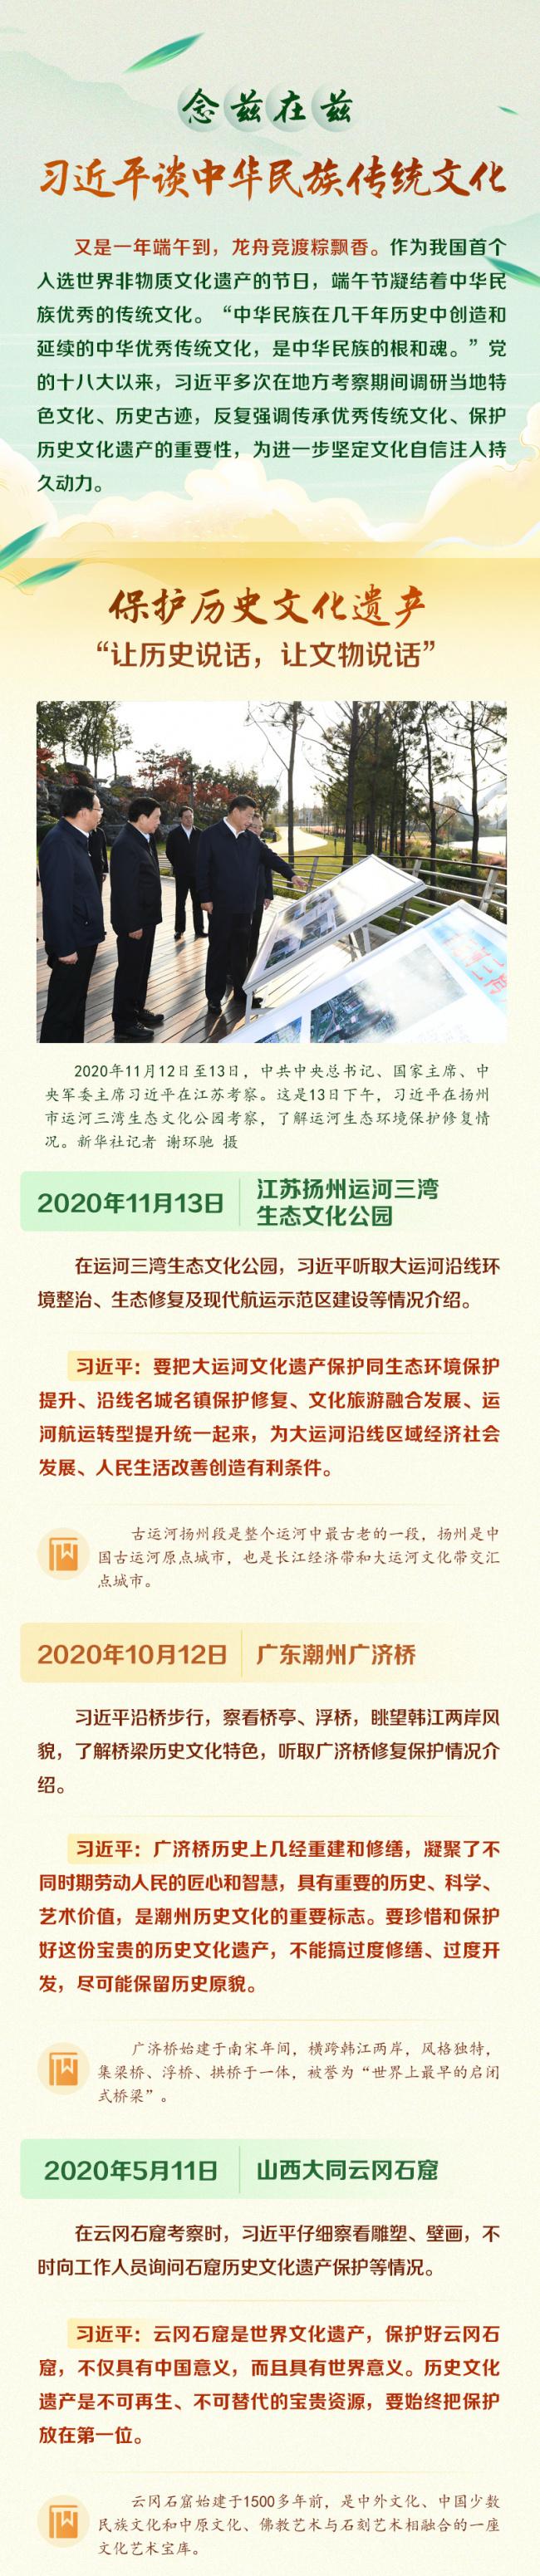 念兹在兹 习近平谈中华民族传统文化